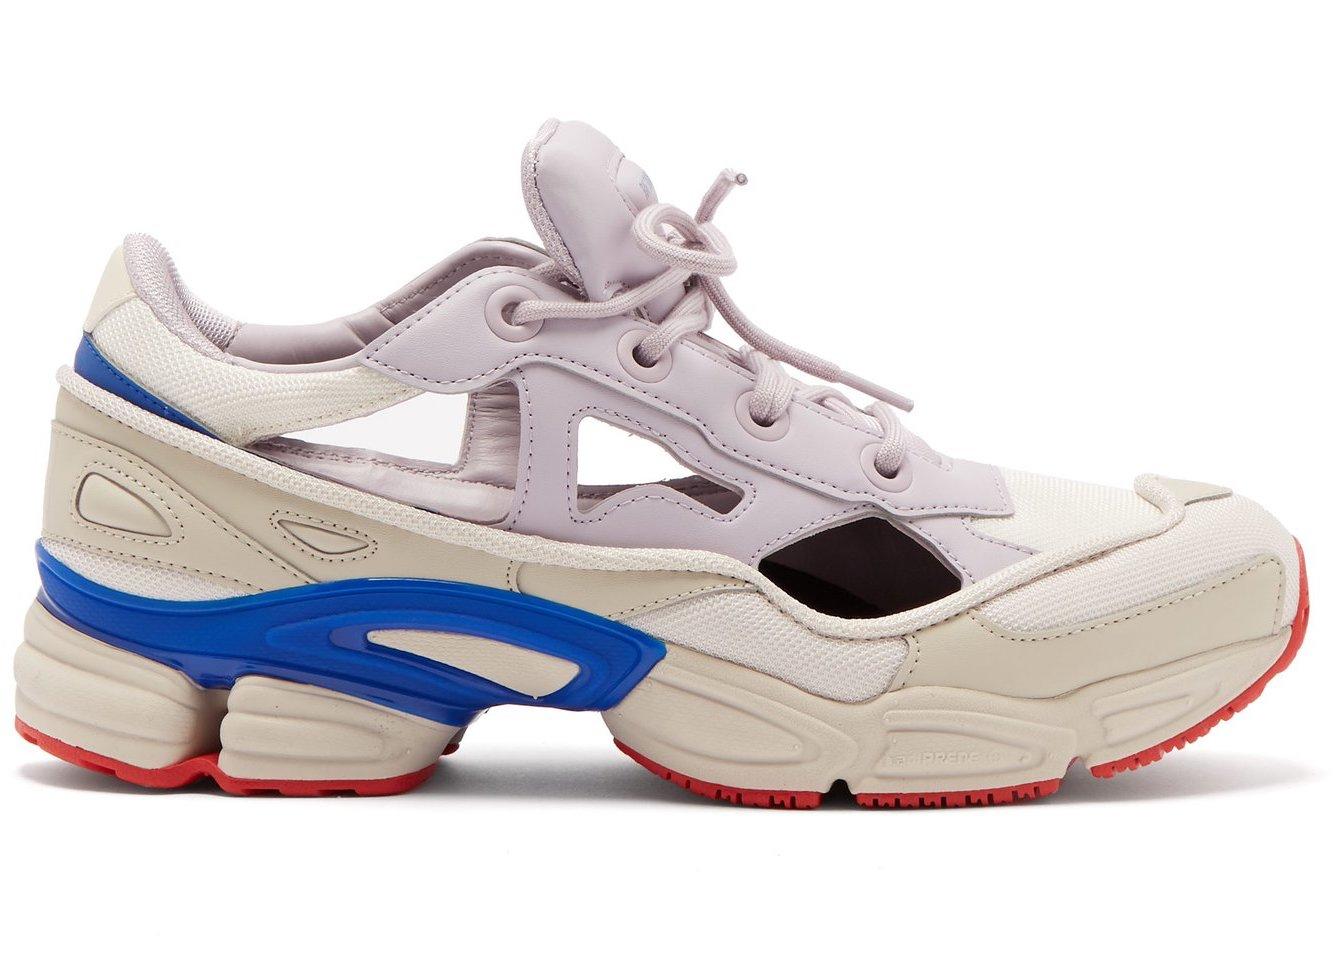 raf - 7 tenis que marcan tendencia en moda masculina